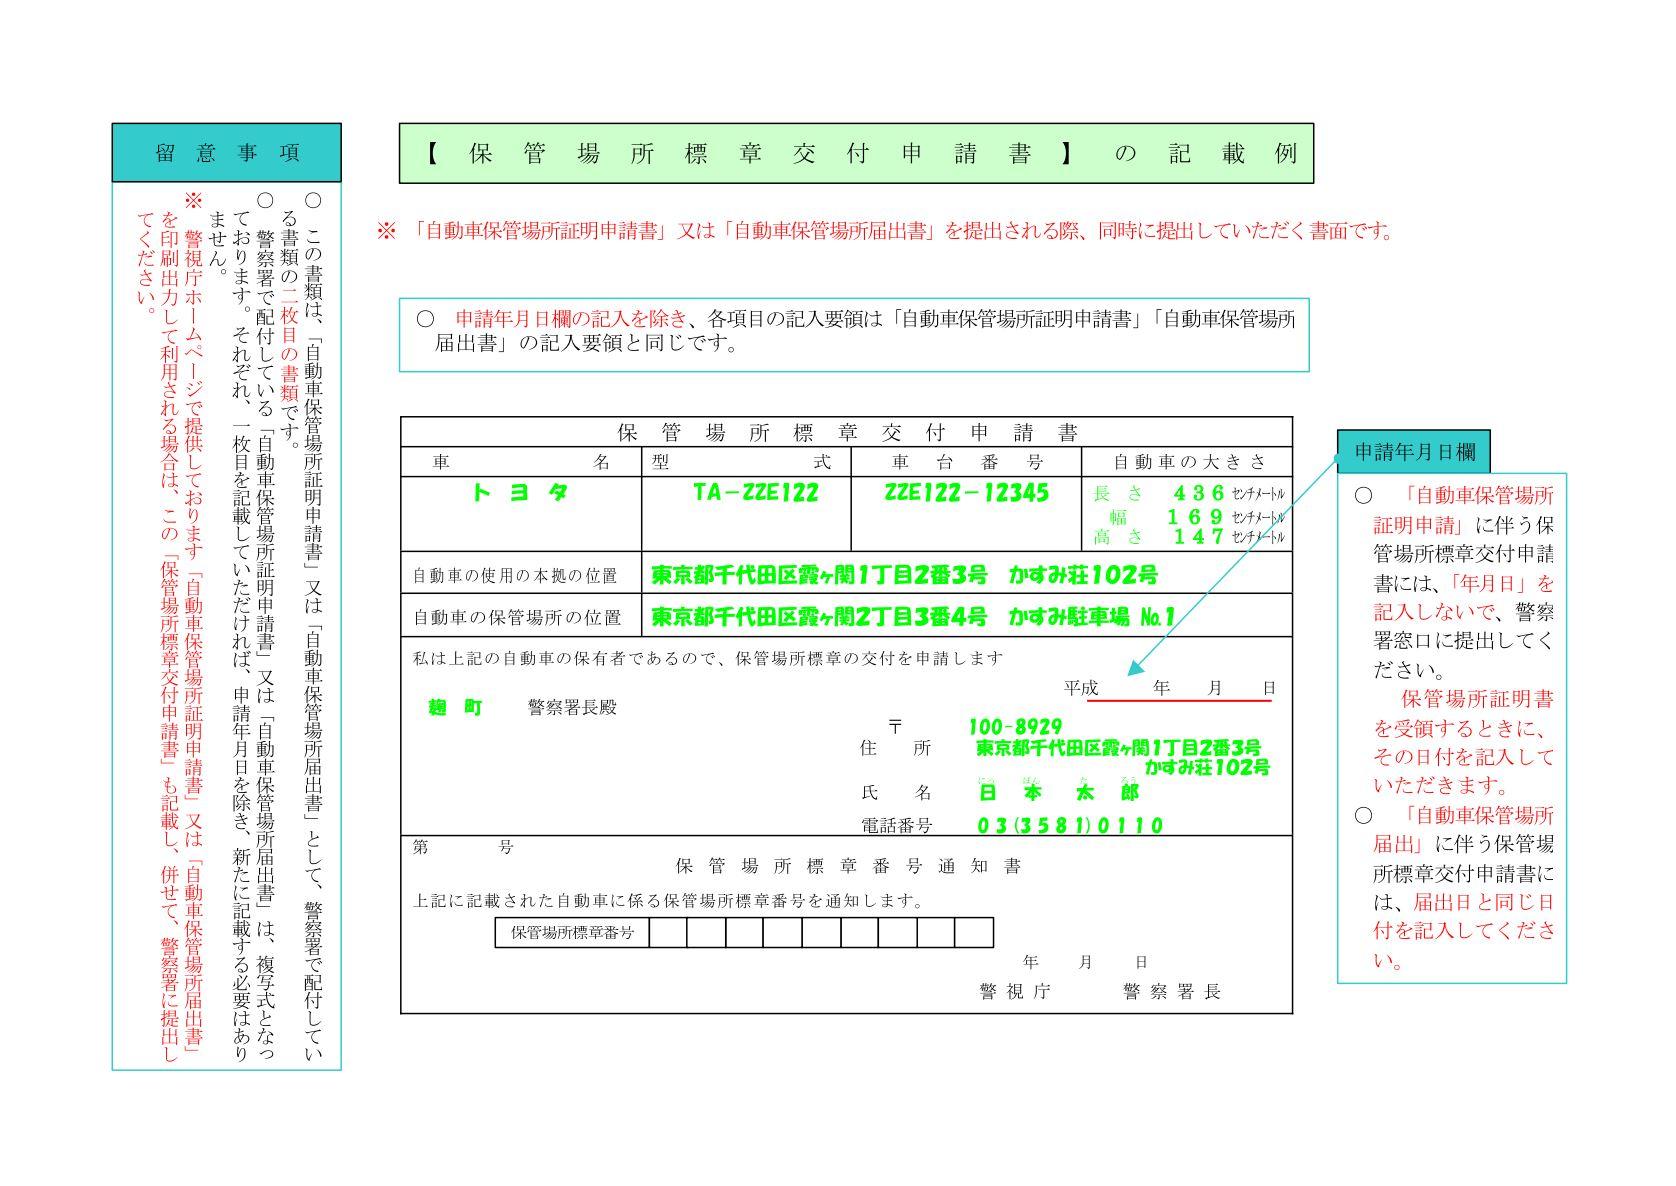 土日 車庫 証明 自動車保管場所証明申請/茨城県警察